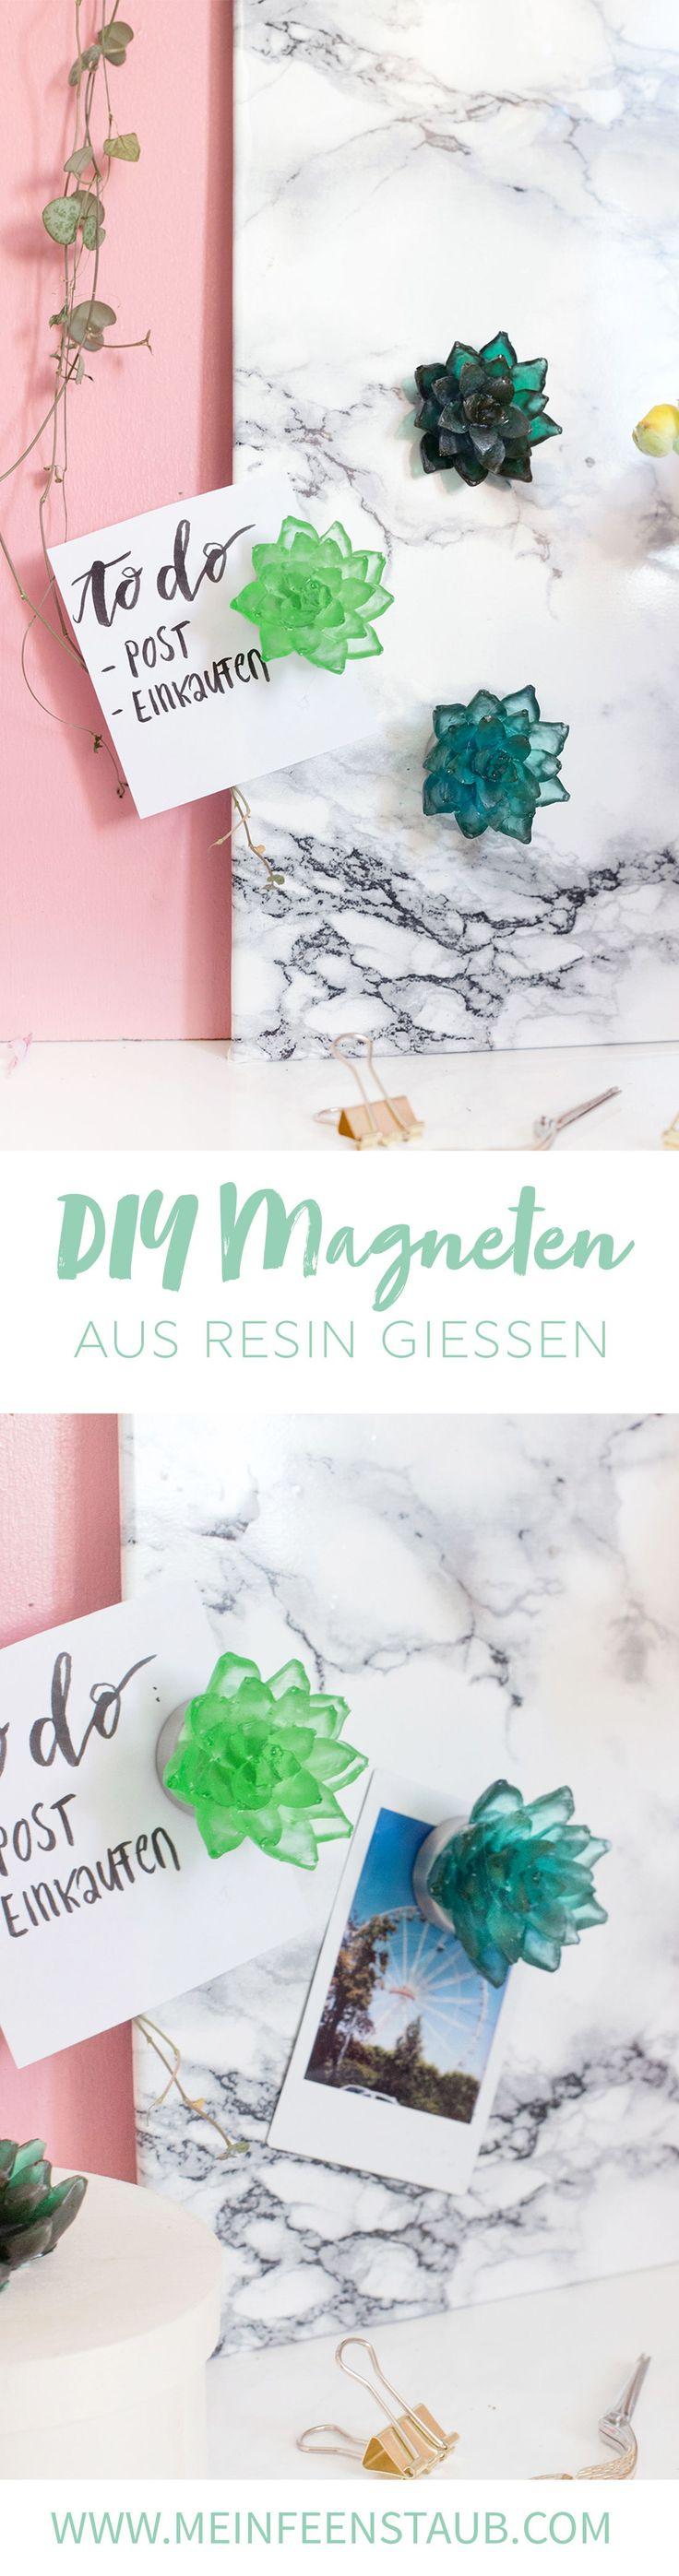 Kreative DIY-Idee zum Selbermachen: Magneten mit Sukkulente aus Gießharz | Resin ganz einfach selbstgemacht mit Farbpigmenten | Tipps zum Gießharz (Resin) färben und verarbeiten | DIY Ideen mit Gießharz / Resin | DIY Magnete basteln